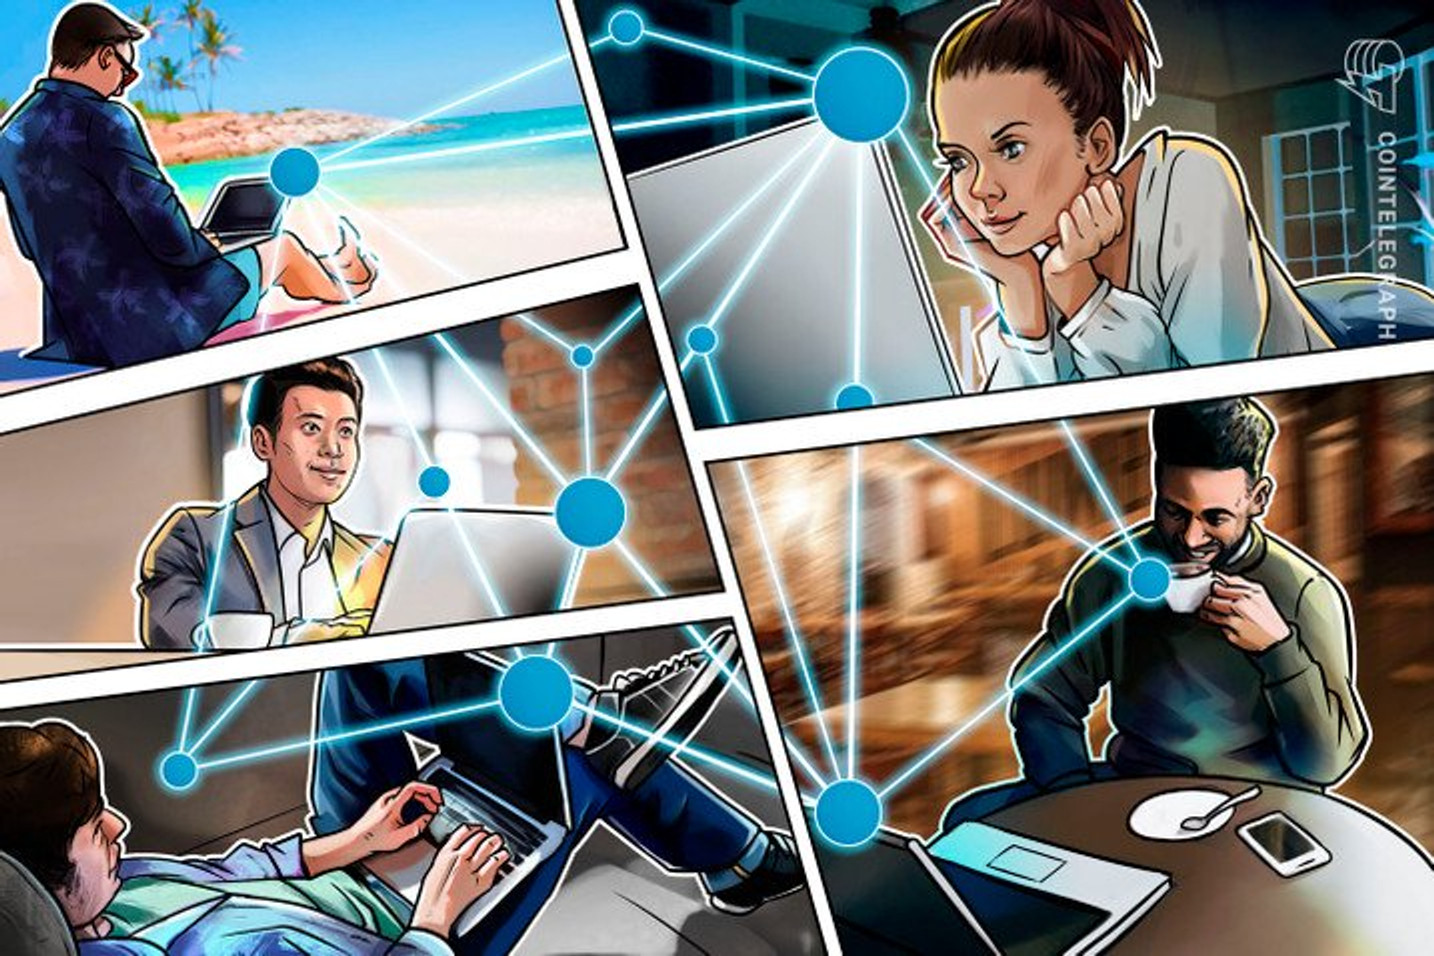 App blockchain do Zoom permite que usuários monetizem chamadas e recebam em criptomoedas